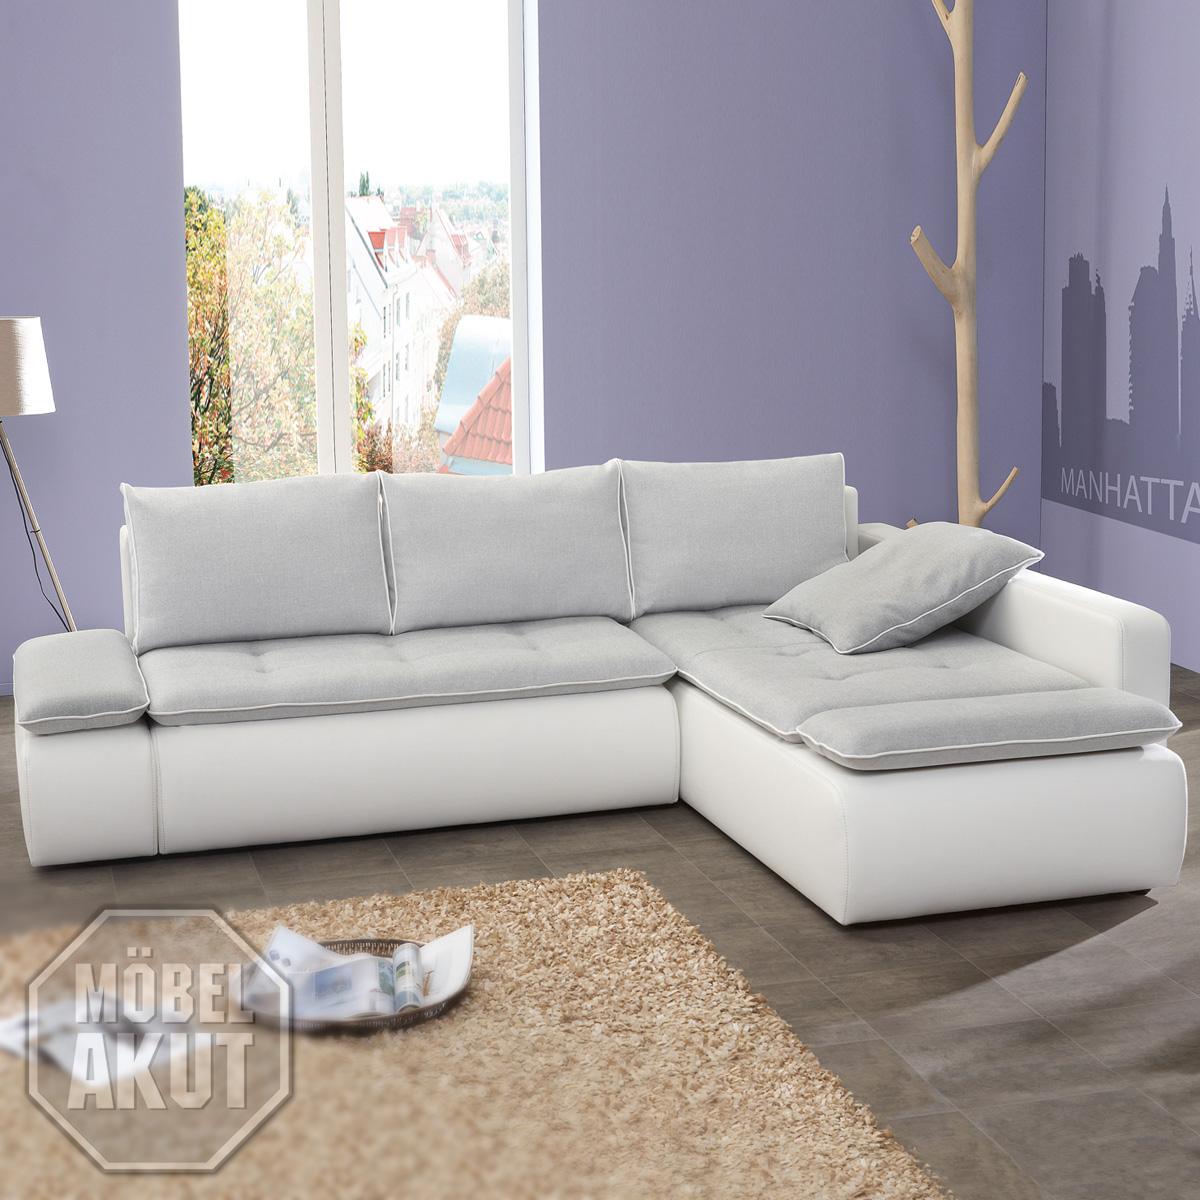 wohnlandschaft pandor sofa ecksofa in wei hell grau mit bettkasten neu ebay. Black Bedroom Furniture Sets. Home Design Ideas